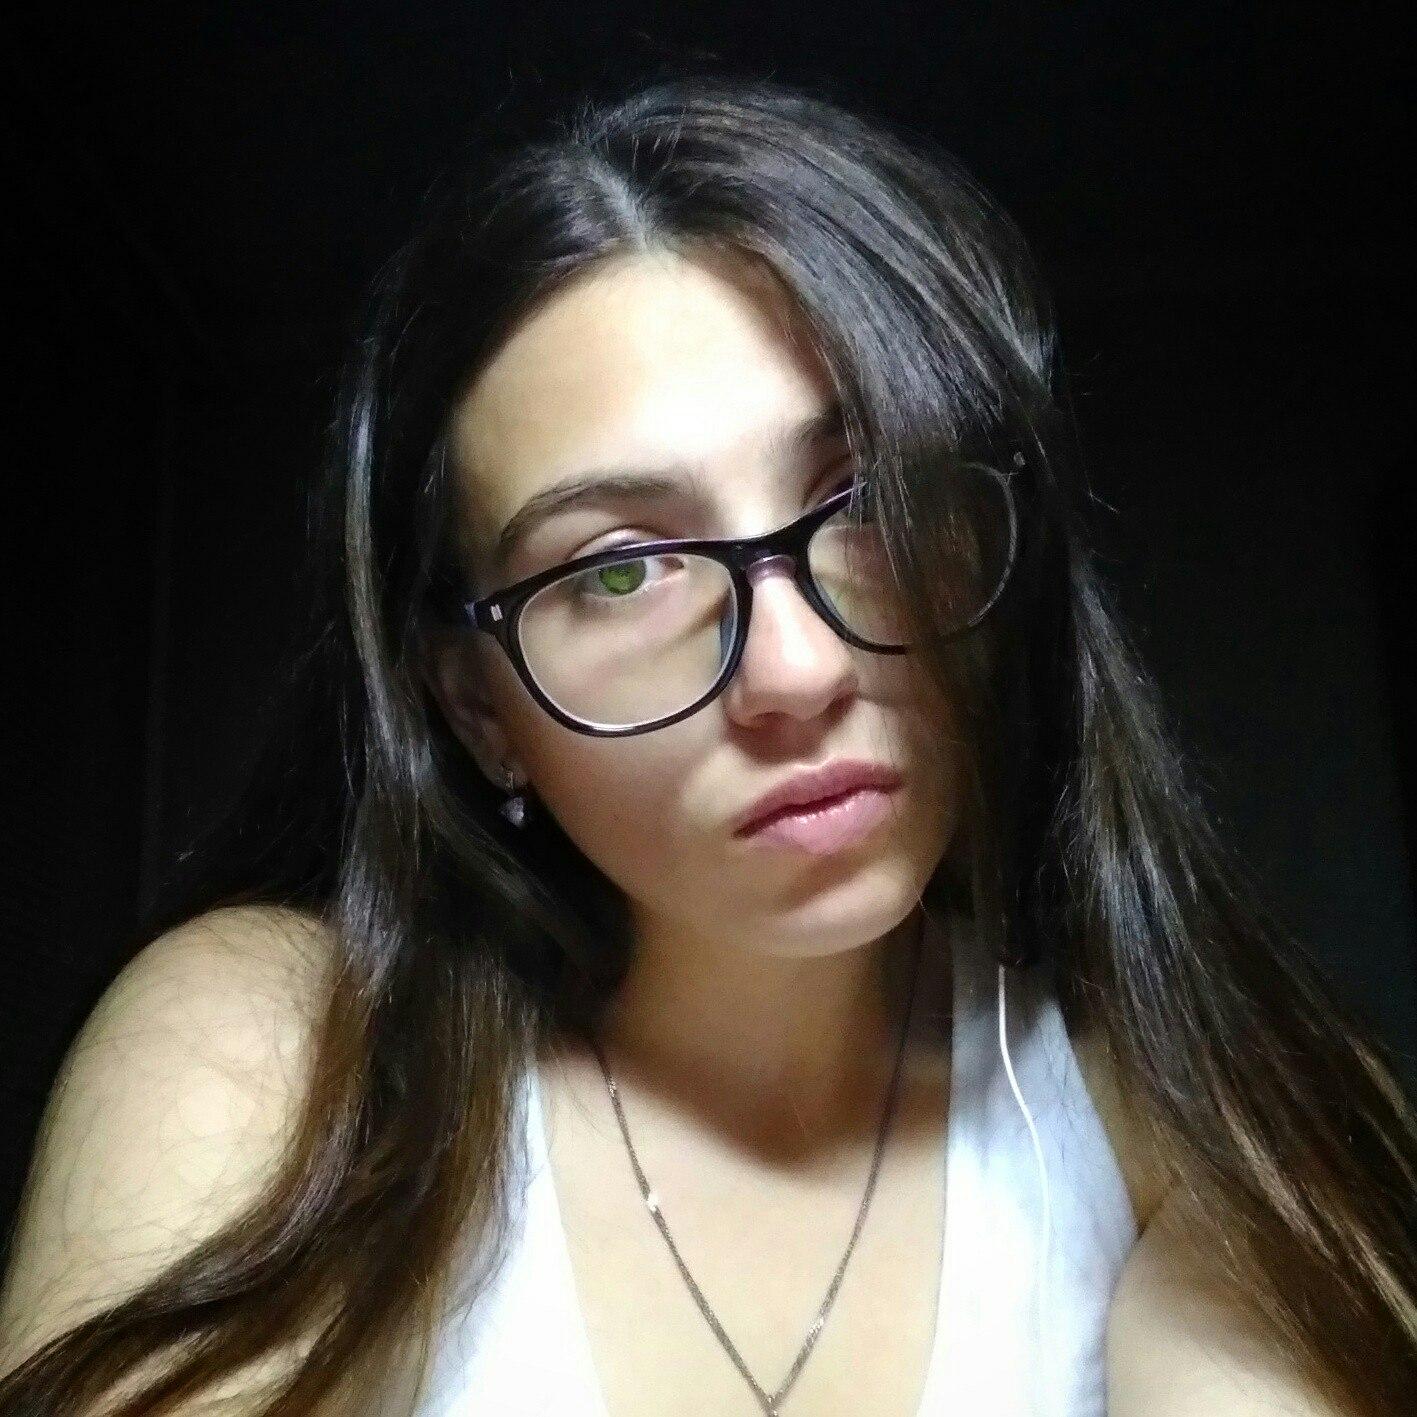 Nadesiko (Анастасия)